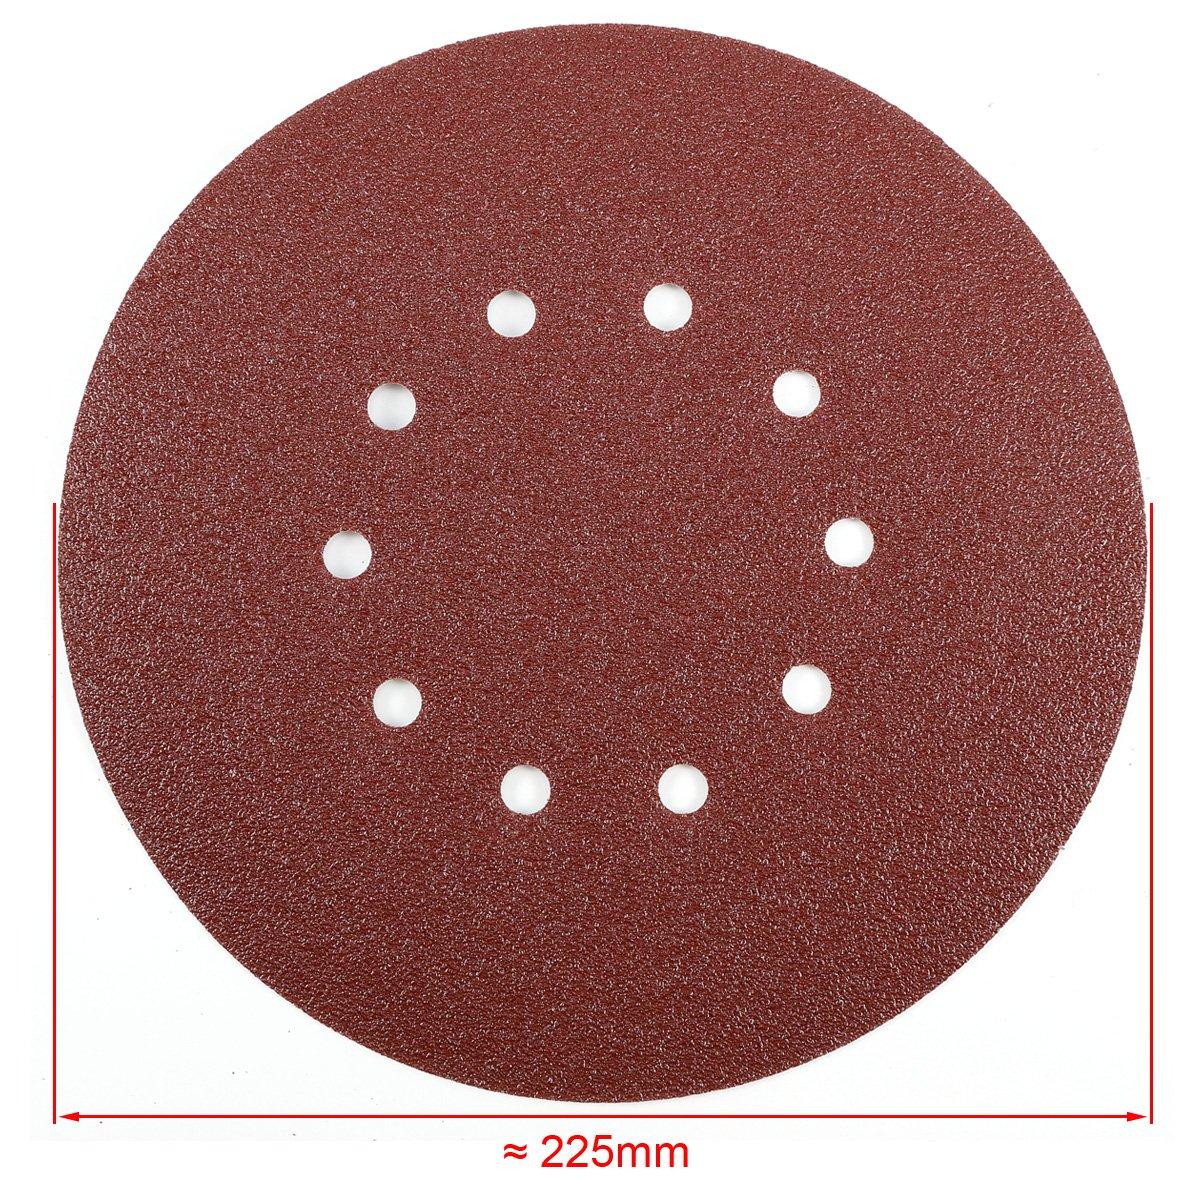 25 50 pcs 225mm mix grit sander disc sanding pad